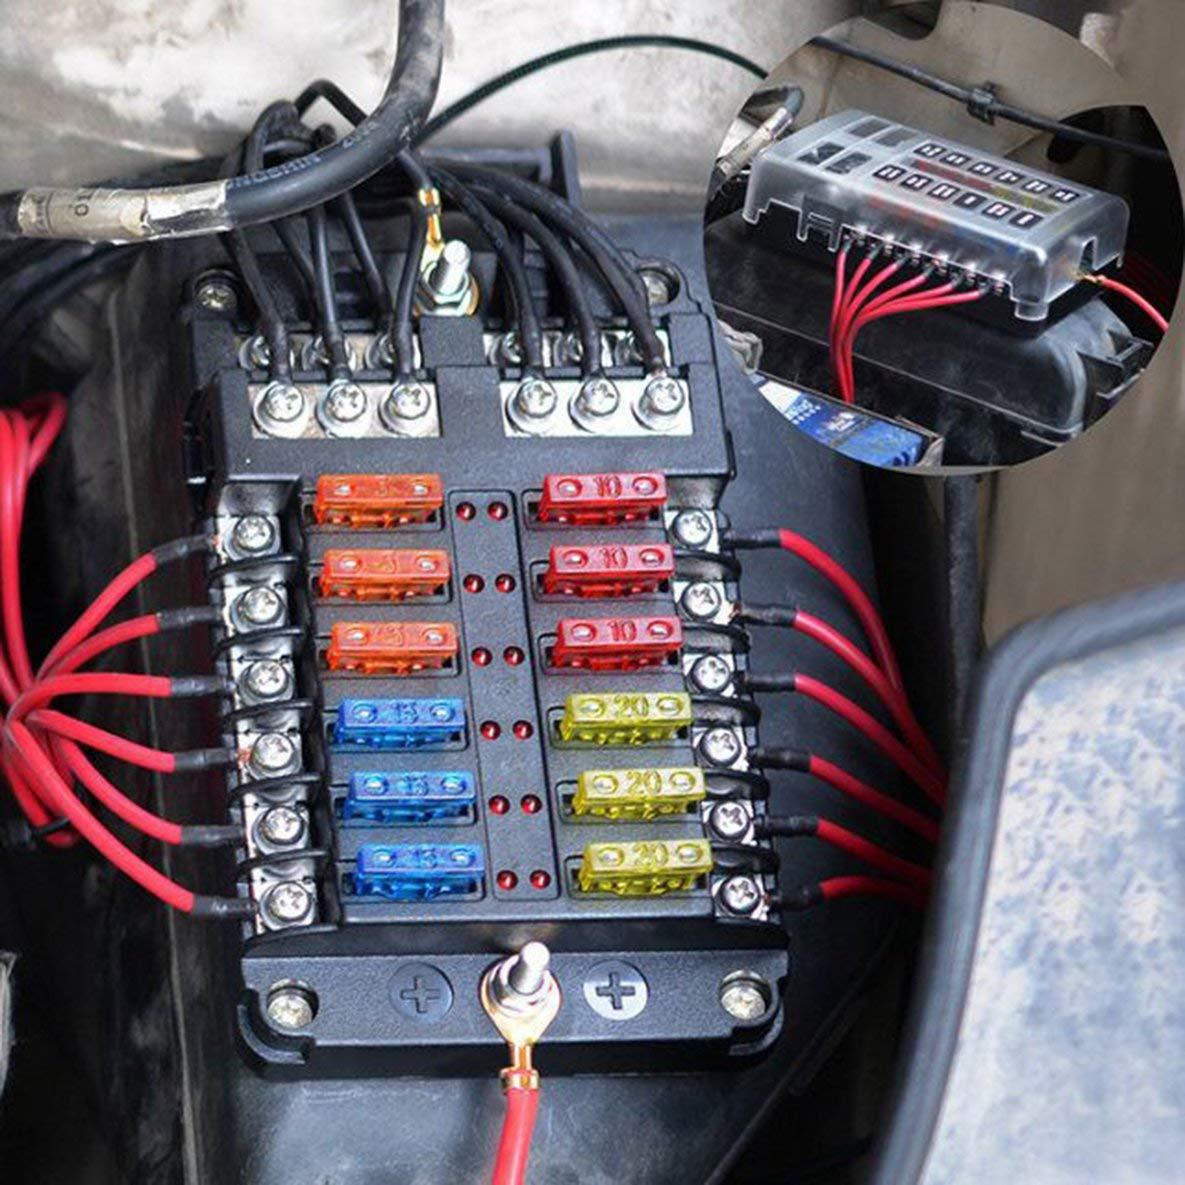 Noradtjcca Auto-Mehrwegesicherungskasten-Energie-Stecksicherungskasten mit gef/ührtem Indikator 12 Eingang und 12 Ausgang unabh/ängig positiv und negativ